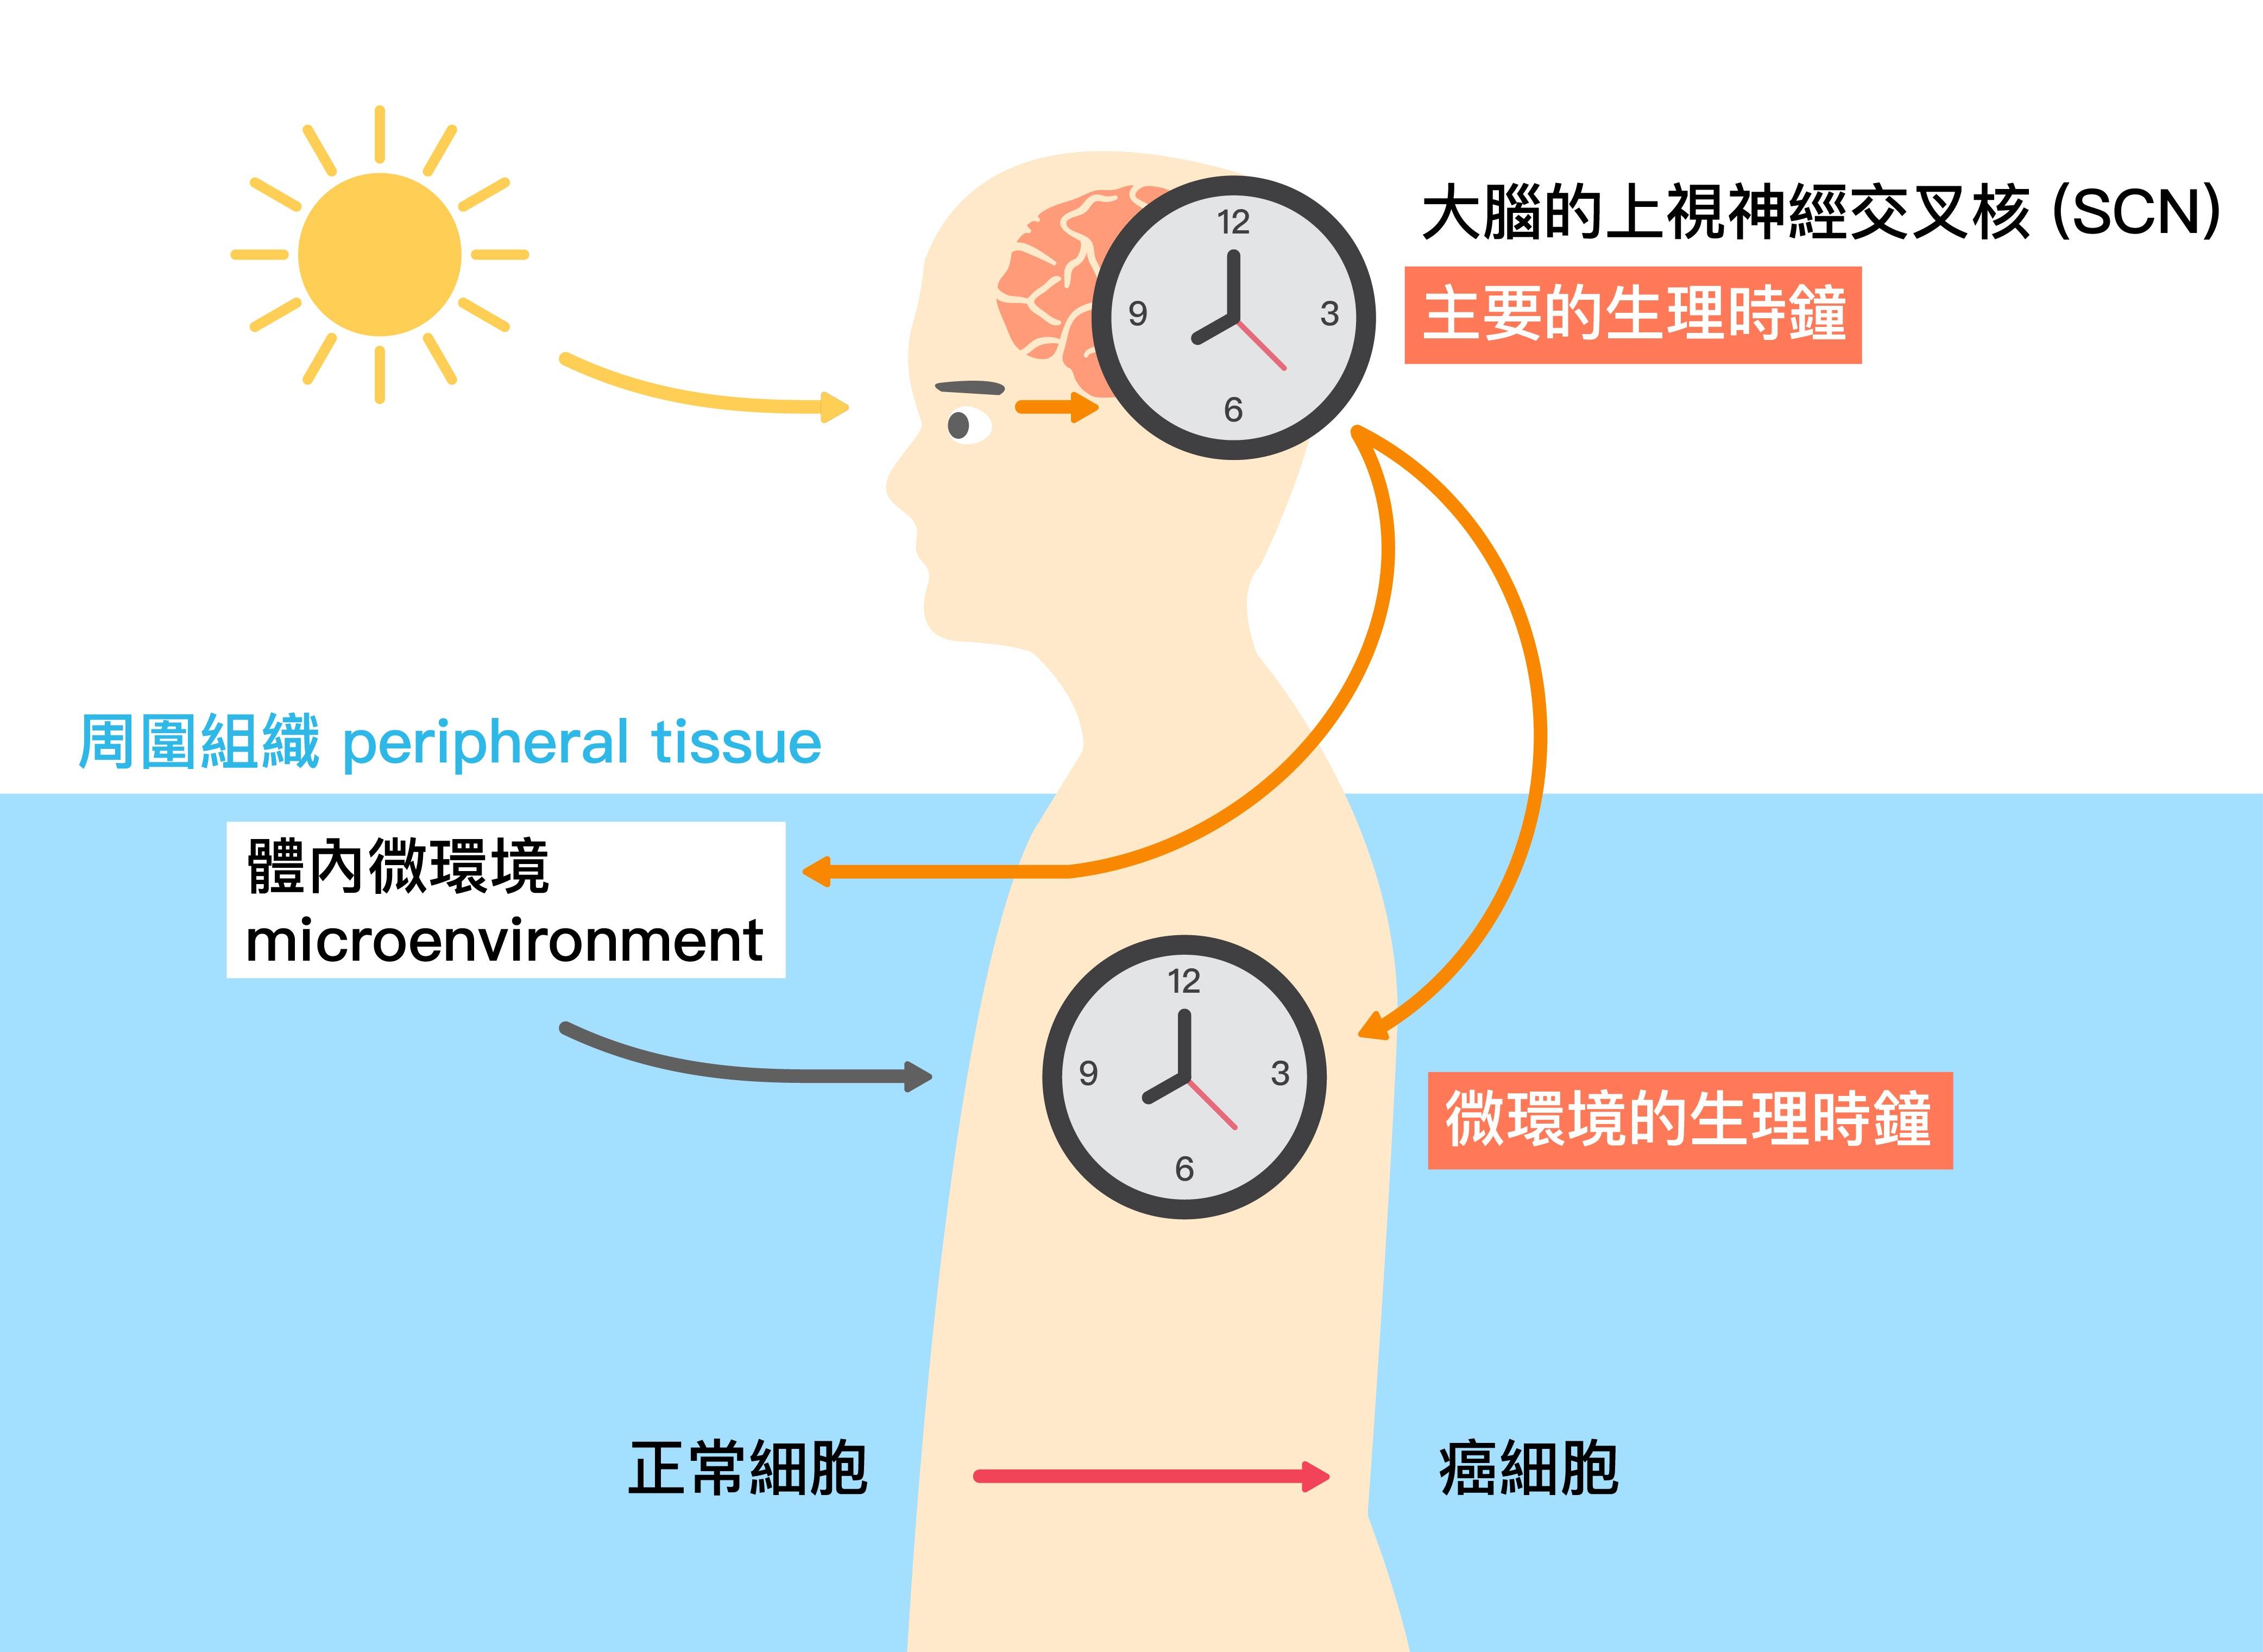 光照影響大腦的主要生理時鐘,而大腦的生理時鐘又會與體內微環境的生理時鐘交互影響。圖│研之有物 (資料來源│黃雯華)